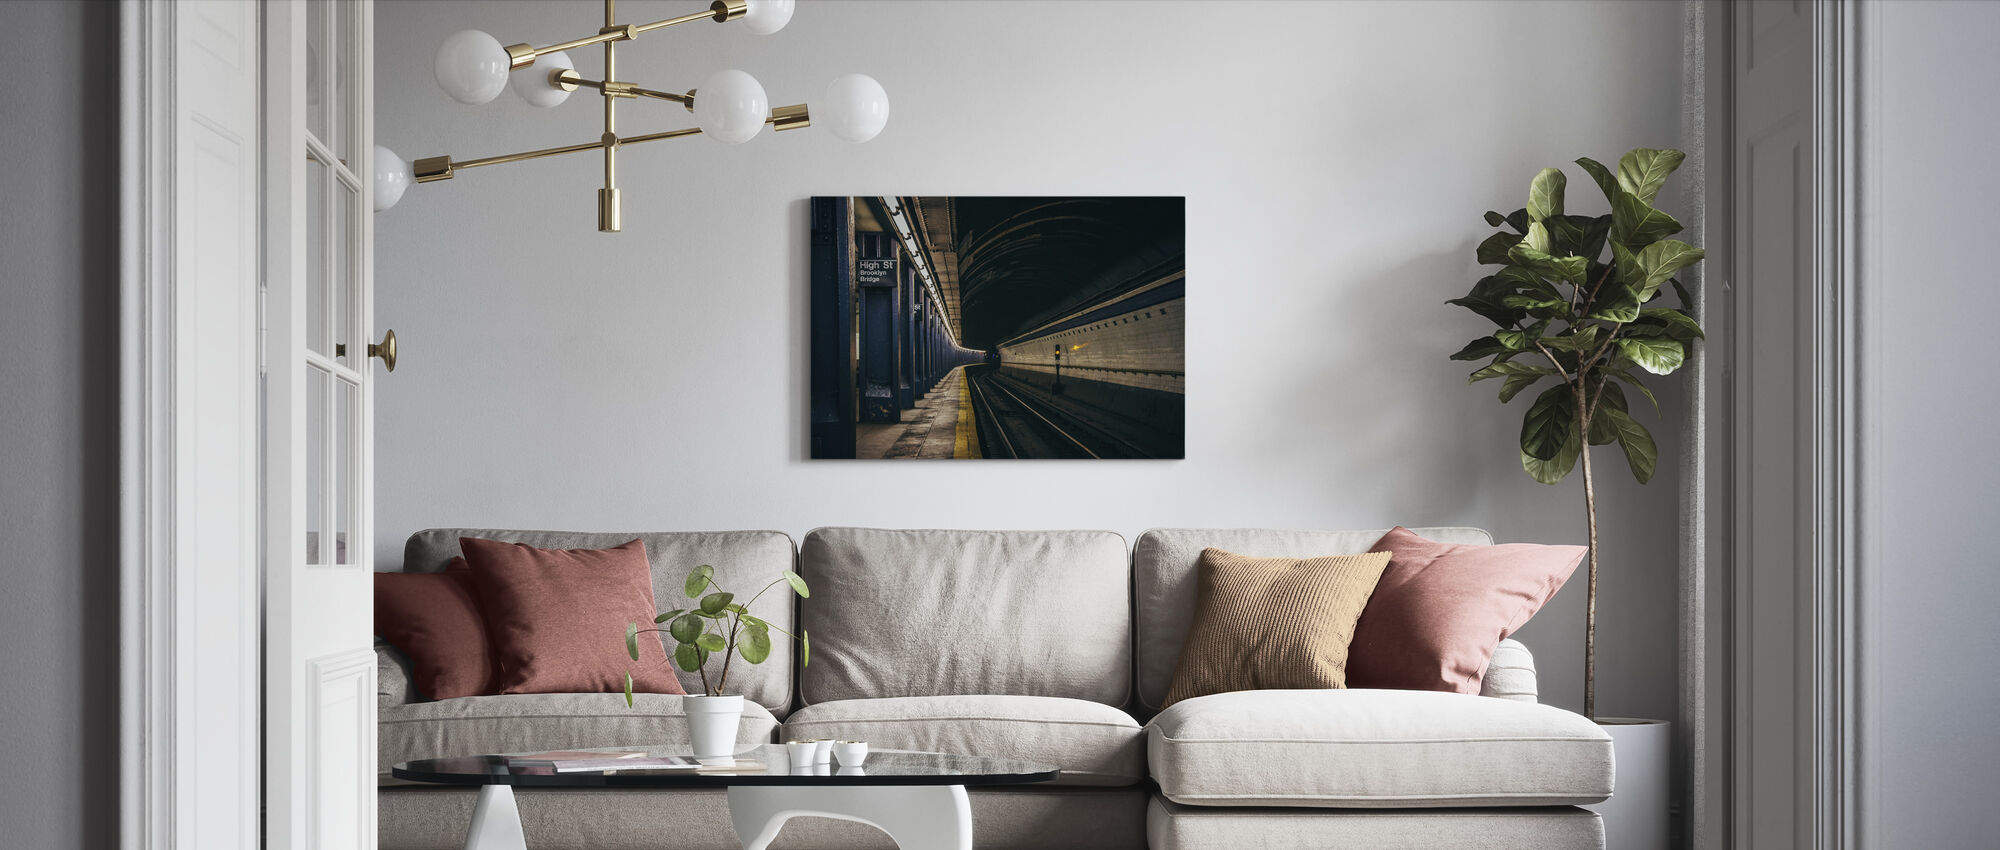 Underjordisk jernbane - Billede på lærred - Stue